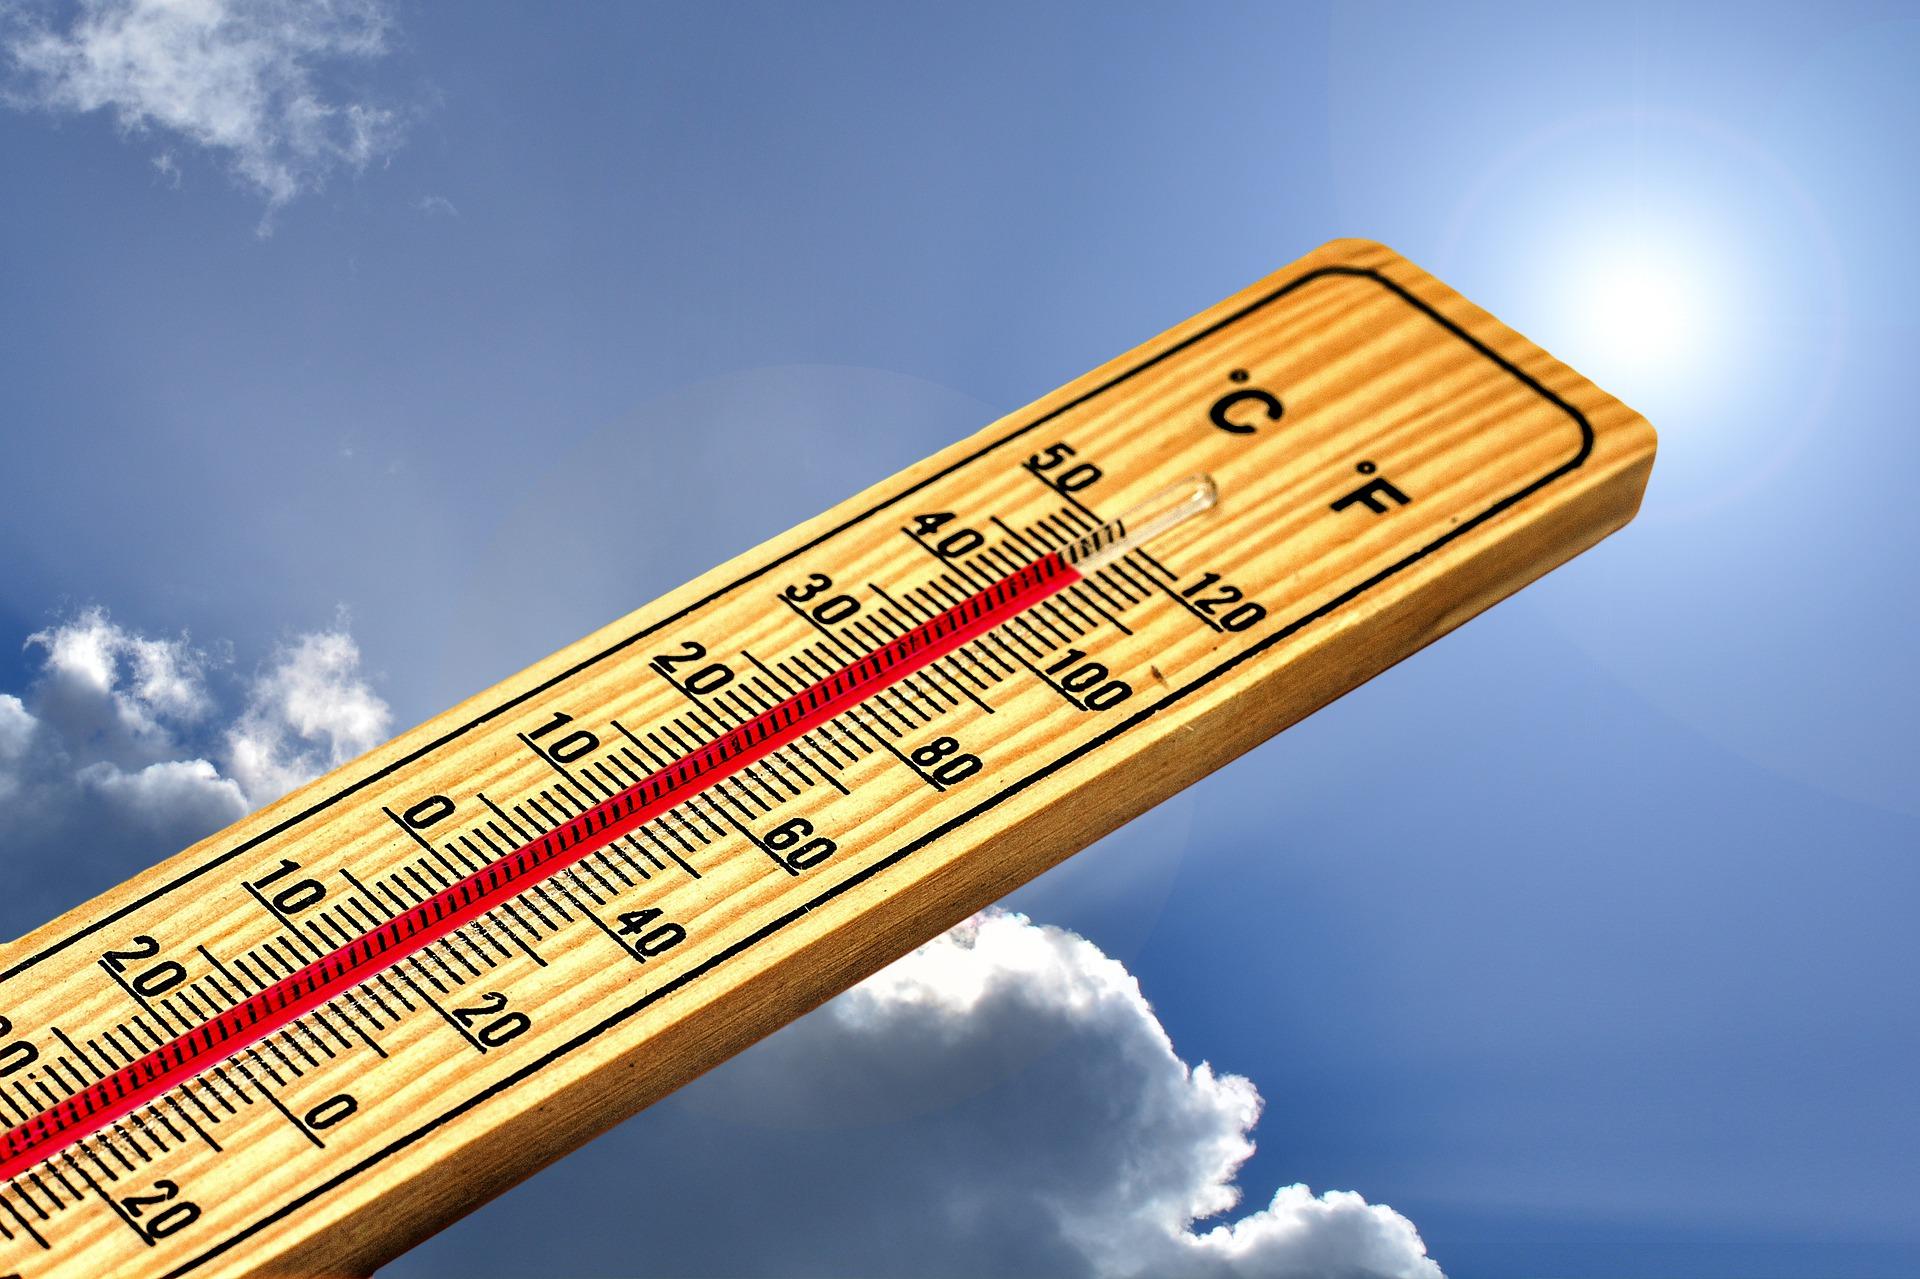 Termómetros superaron los 40 grados en Los Ángeles